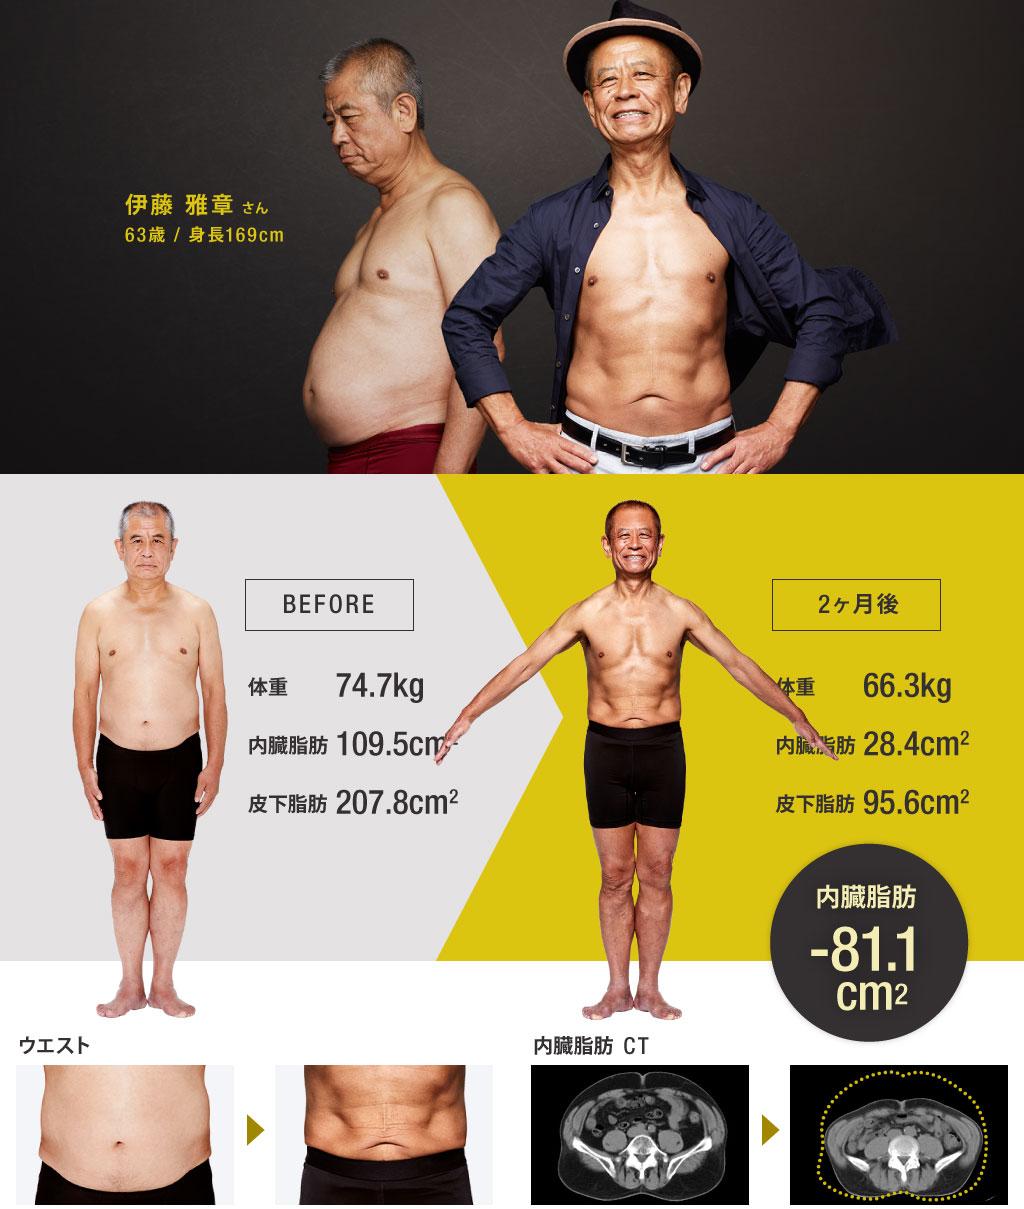 伊藤雅章さん・63歳・169cm